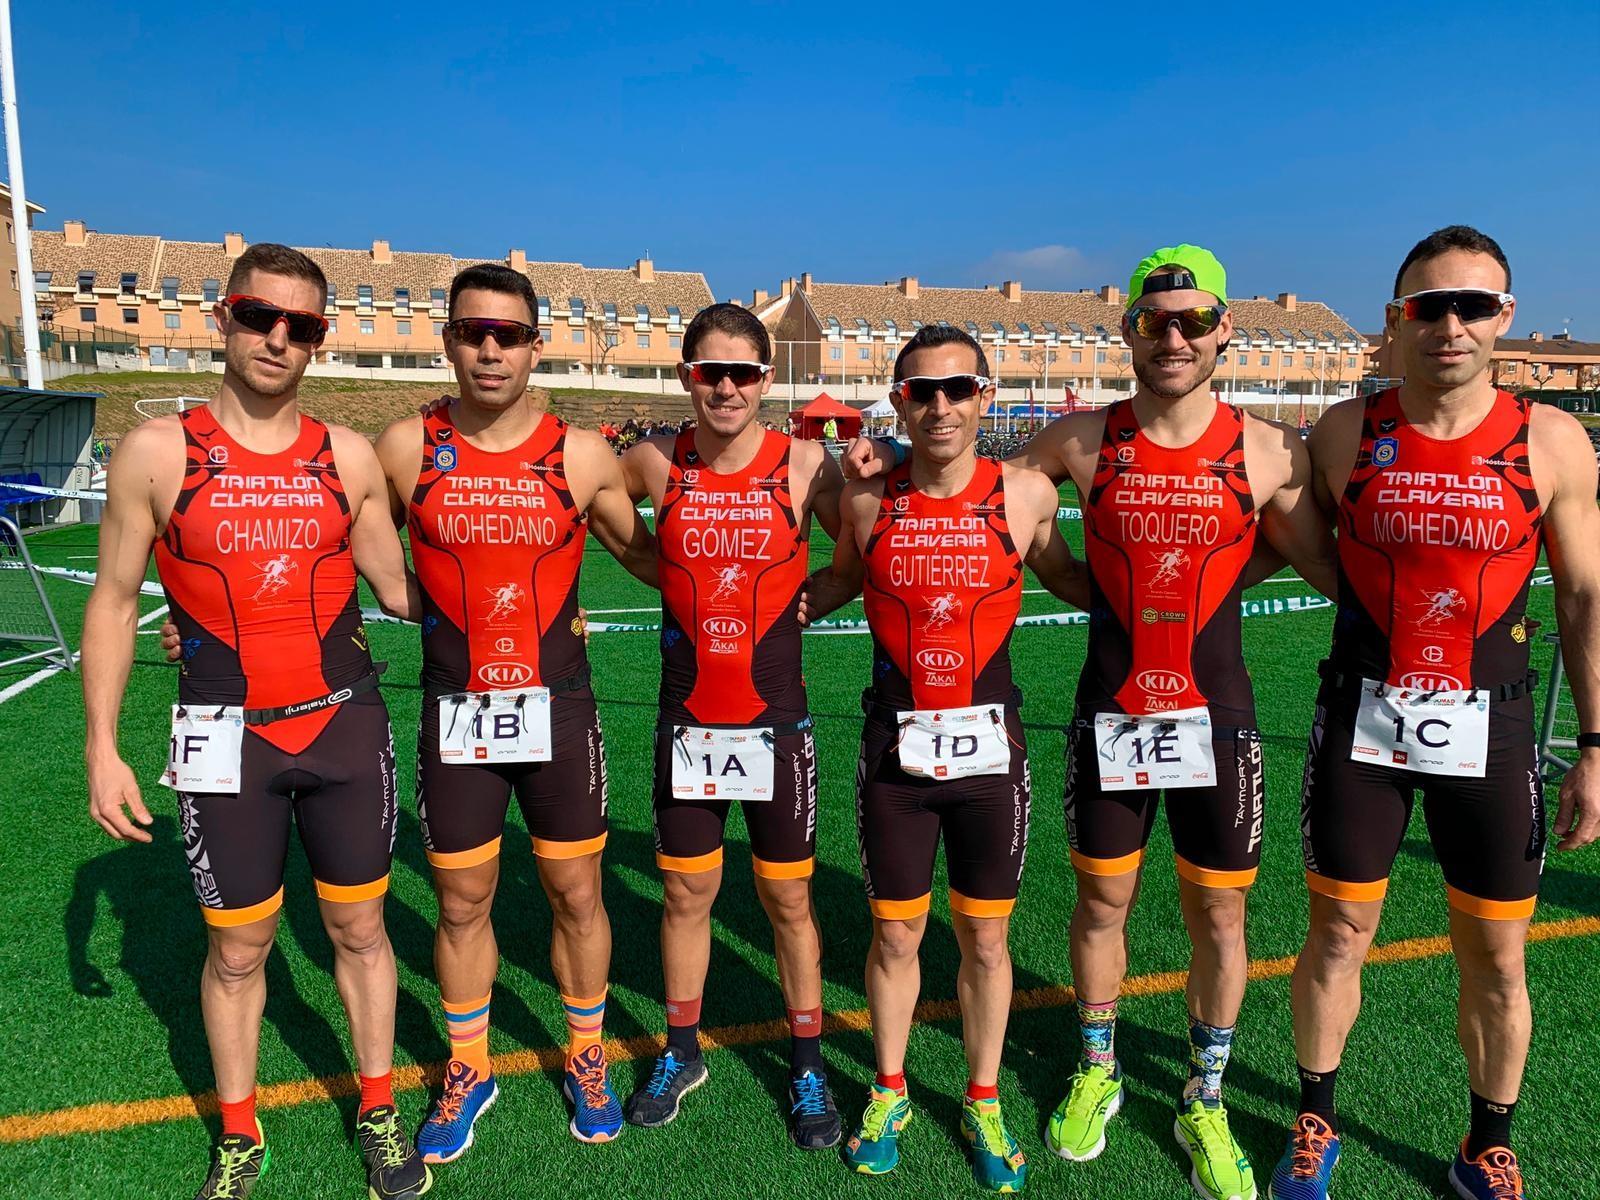 Gran participación de atletas del Club Triatlón TriInfinity Móstoles en el Campeonato ECODUMAD